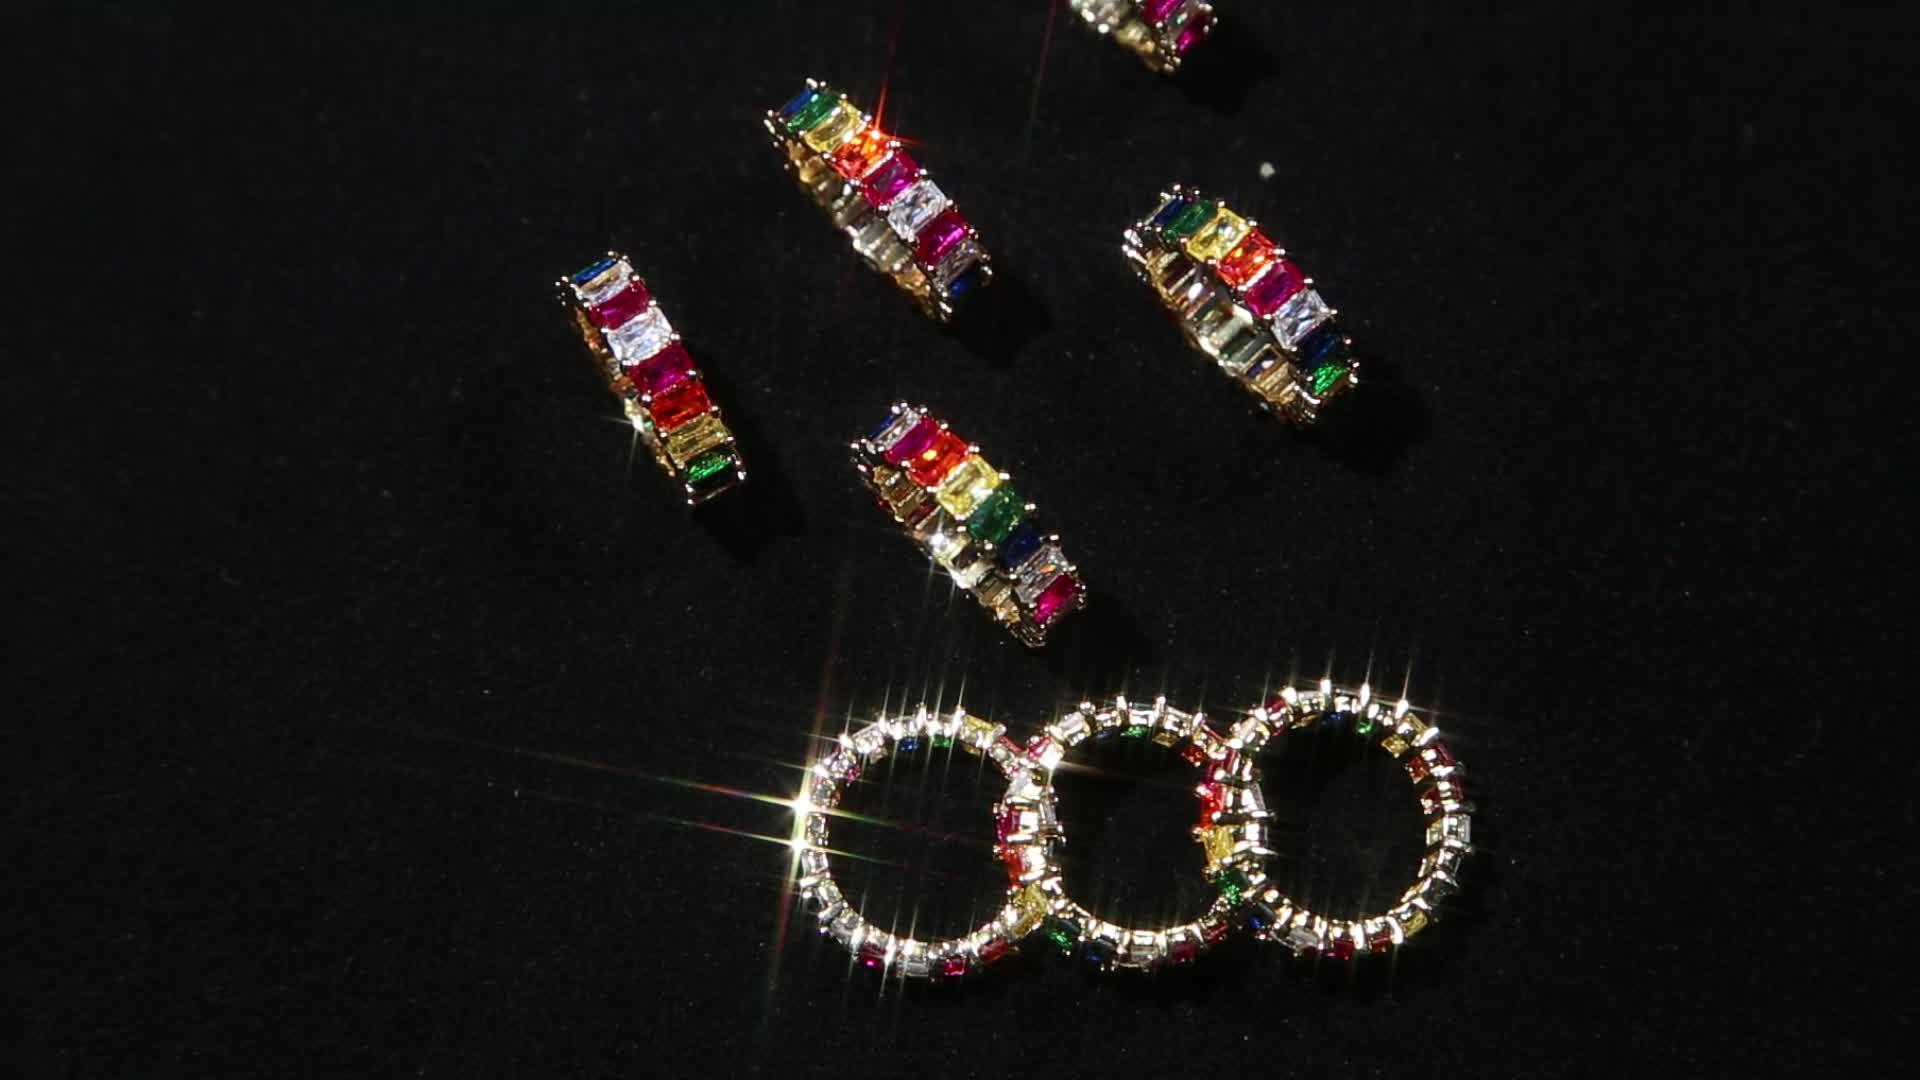 Bague plaqué or bijoux de mode arc-en-ciel baguette cubique zircon de luxe femmes européennes plein doigt bijoux